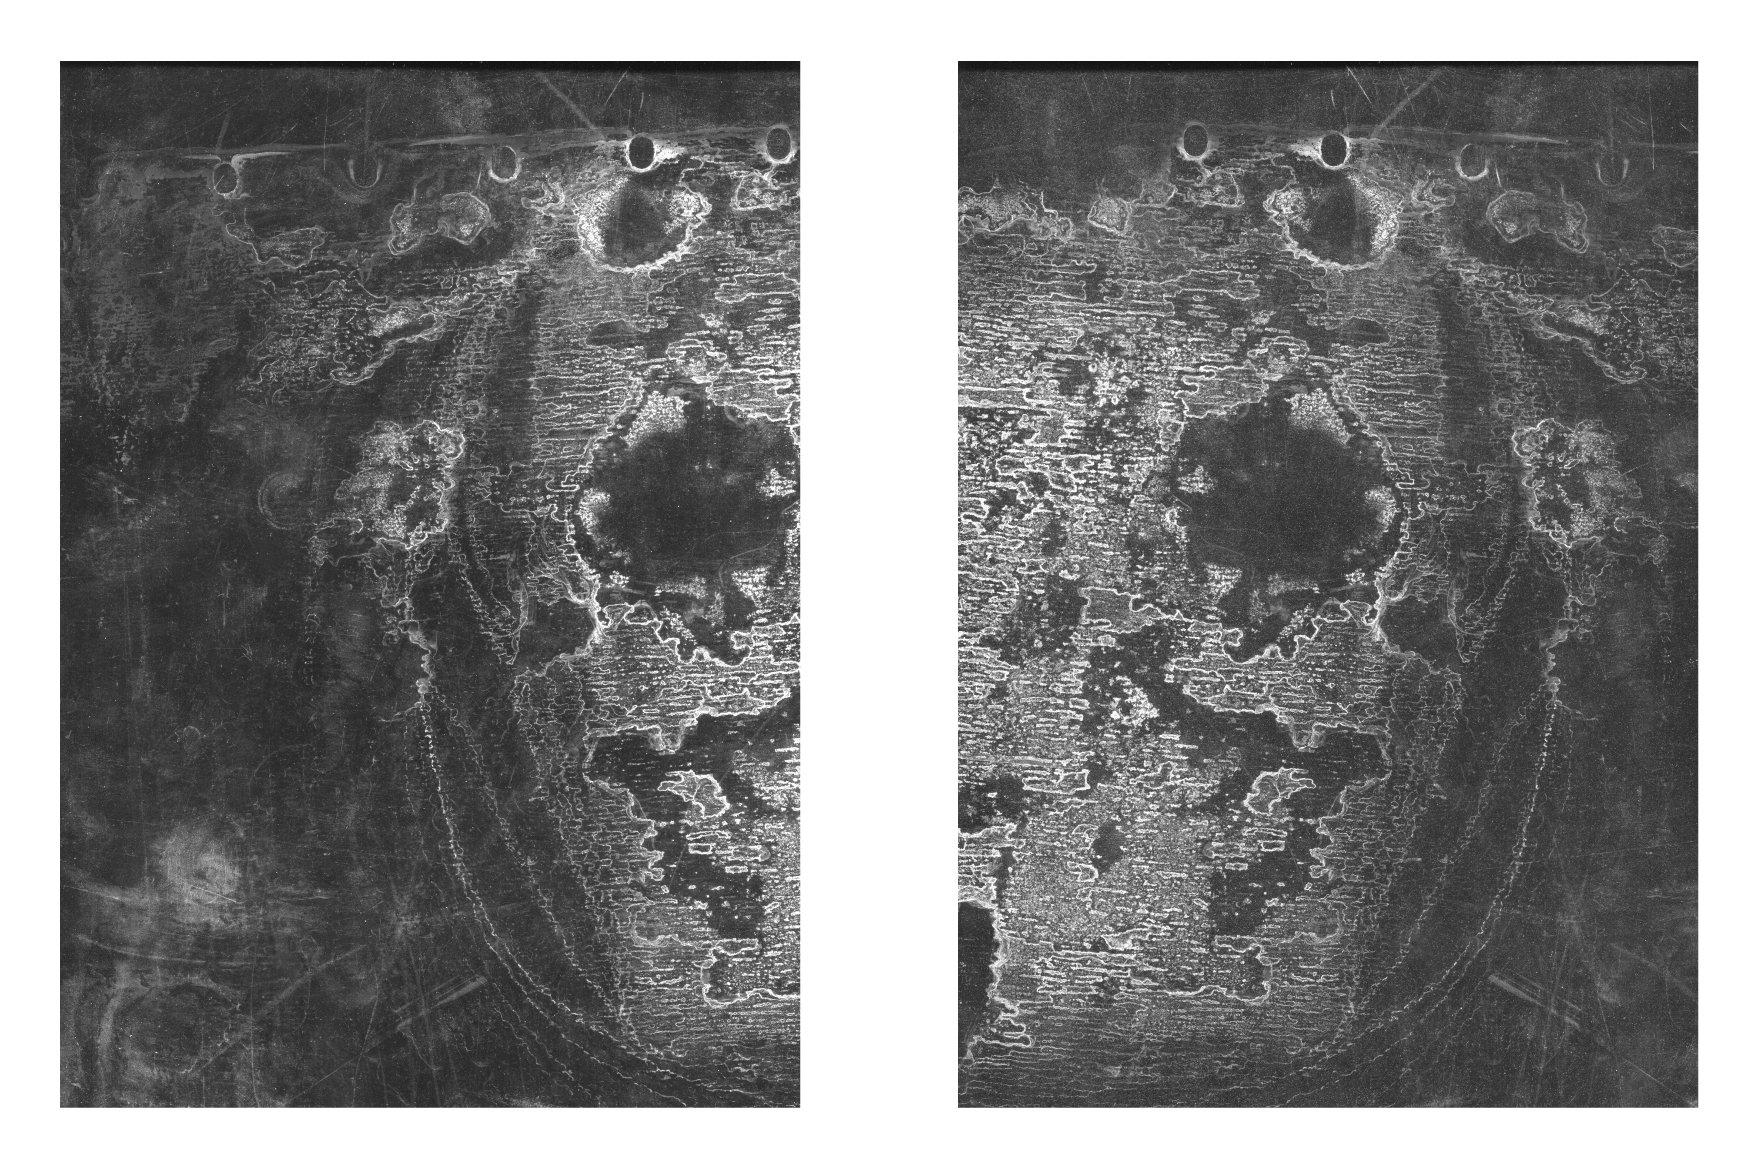 156款复古做旧折痕磨损褶皱纸张背景纹理素材合集 The Grunge Texture Bundle Vol. 1插图(29)